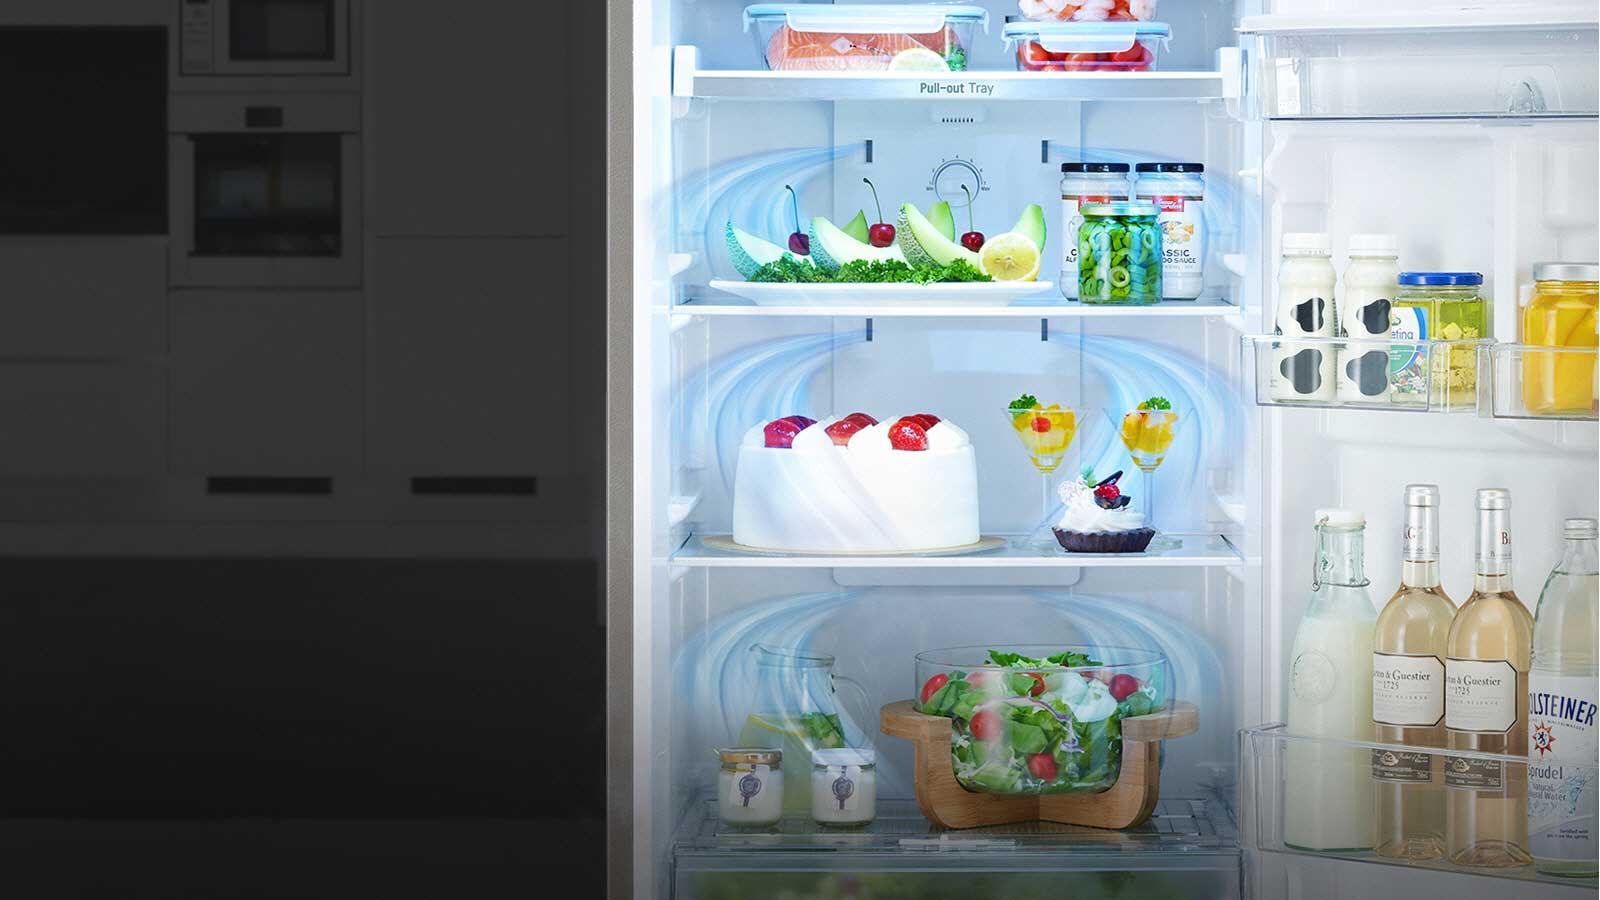 ตู้เย็นระบบกระจายลมทั่วทิศทาง